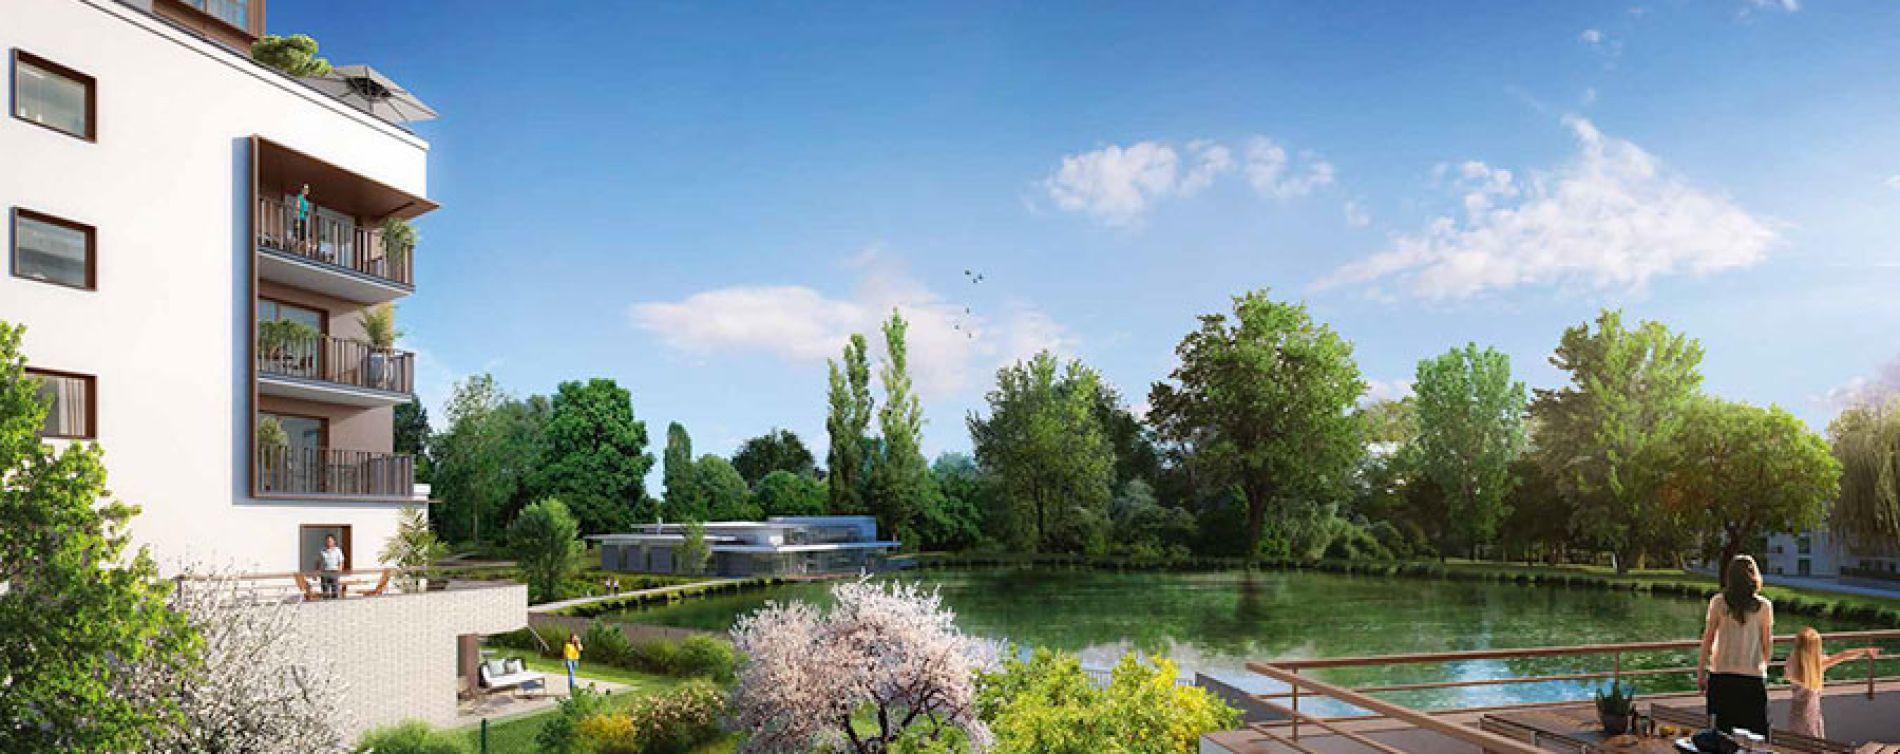 Rueil-Malmaison : programme immobilier neuve « Domaine Richelieu Tr2 » (4)